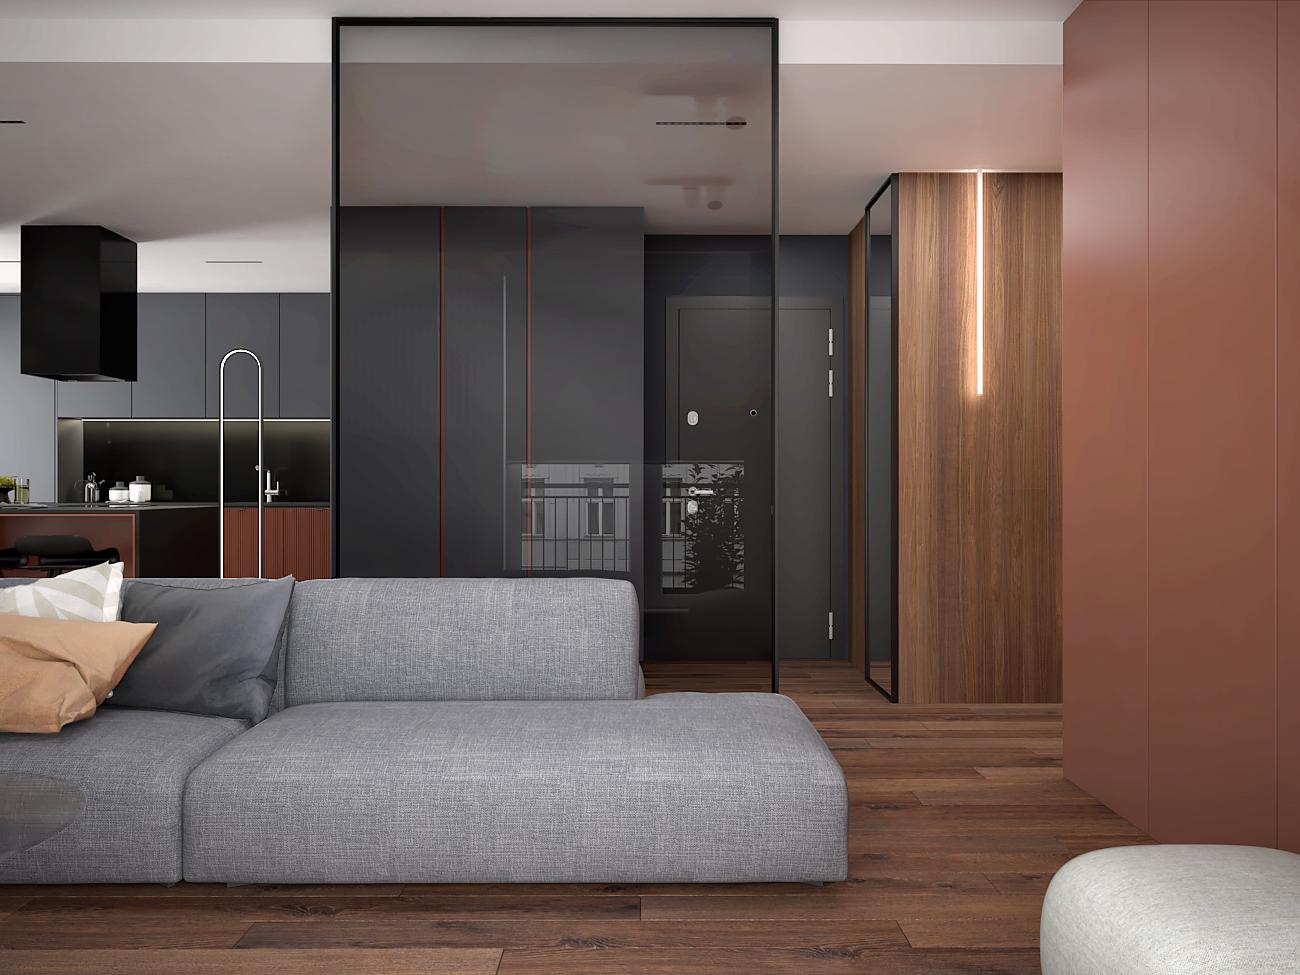 1 aranzacja wnetrza M563 mieszkanie katowice salon z kuchnia szklana sciana szara sofa deska podlogowa plyta meblowa na scianie